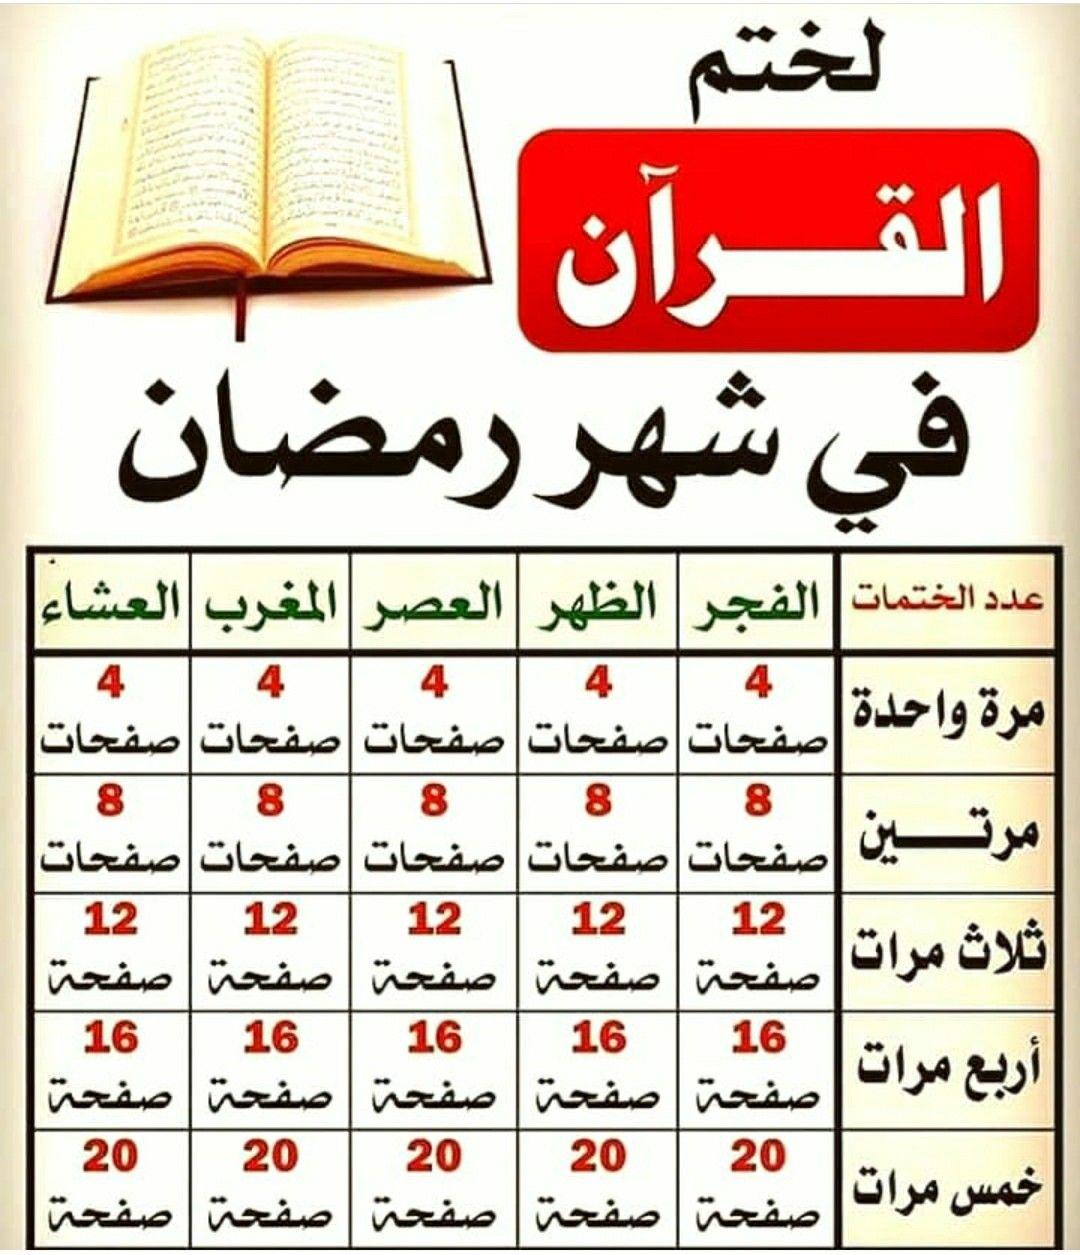 ختم القرآن الكريم Quran Quotes Love Ramadan Arabic Phrases